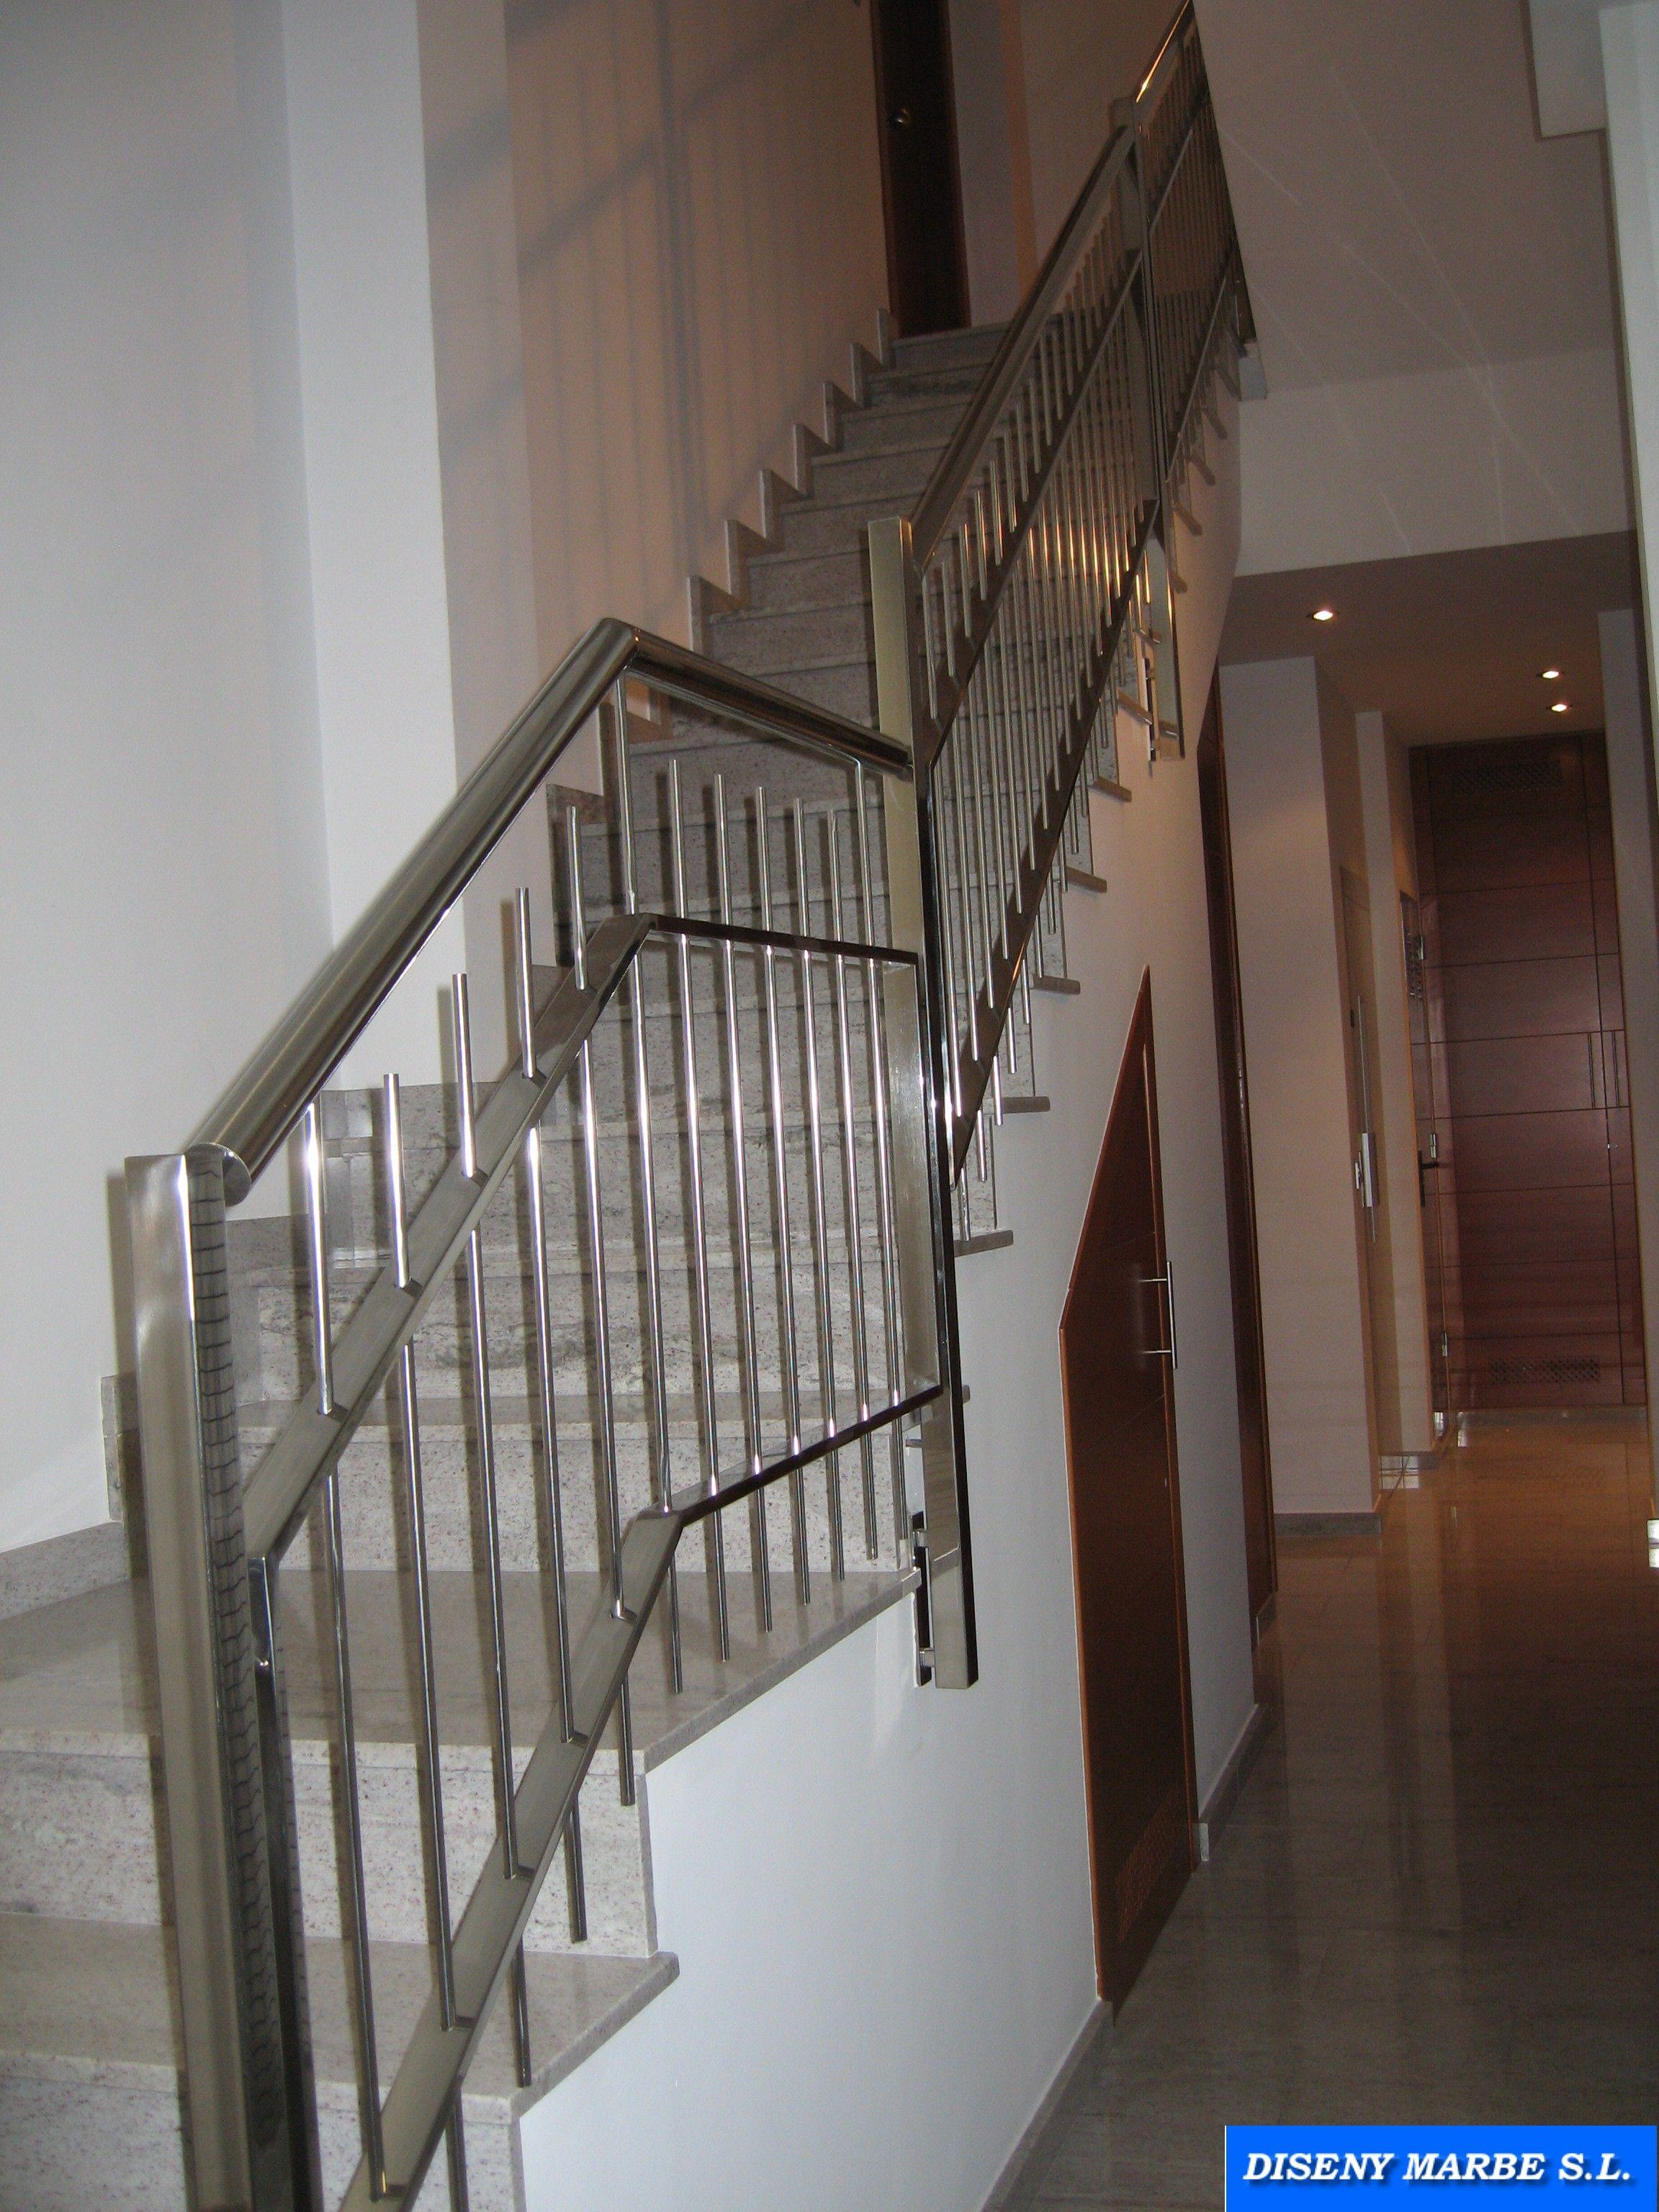 Barandilla escalera de acero inoxidable dise o barrotes en - Escaleras de acero ...